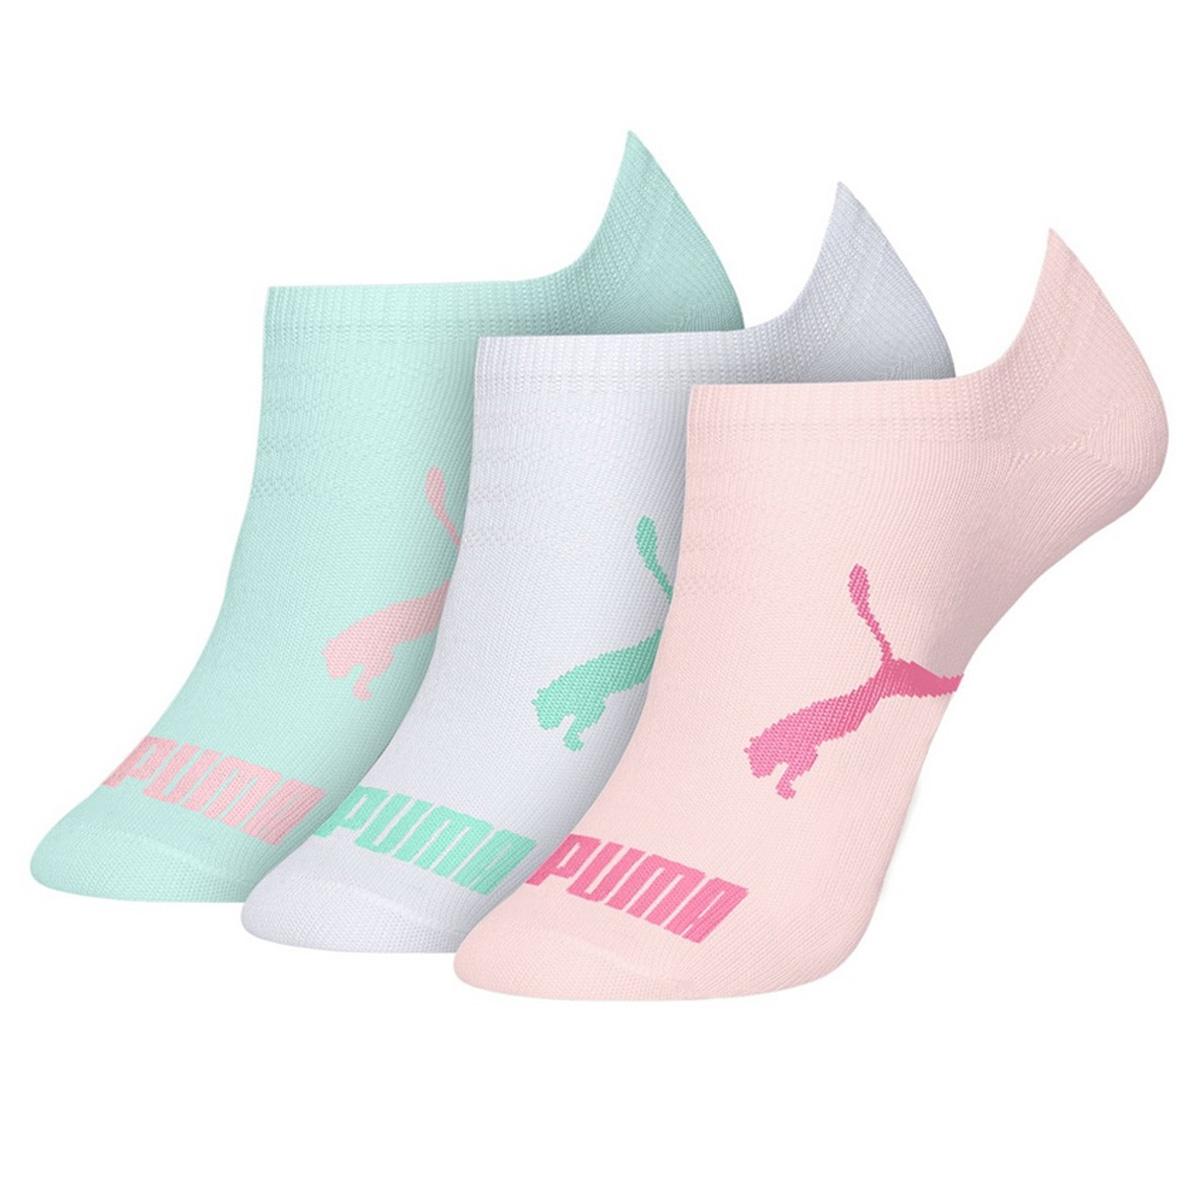 Kit com 3 meias infantil modelo sapatilha Puma